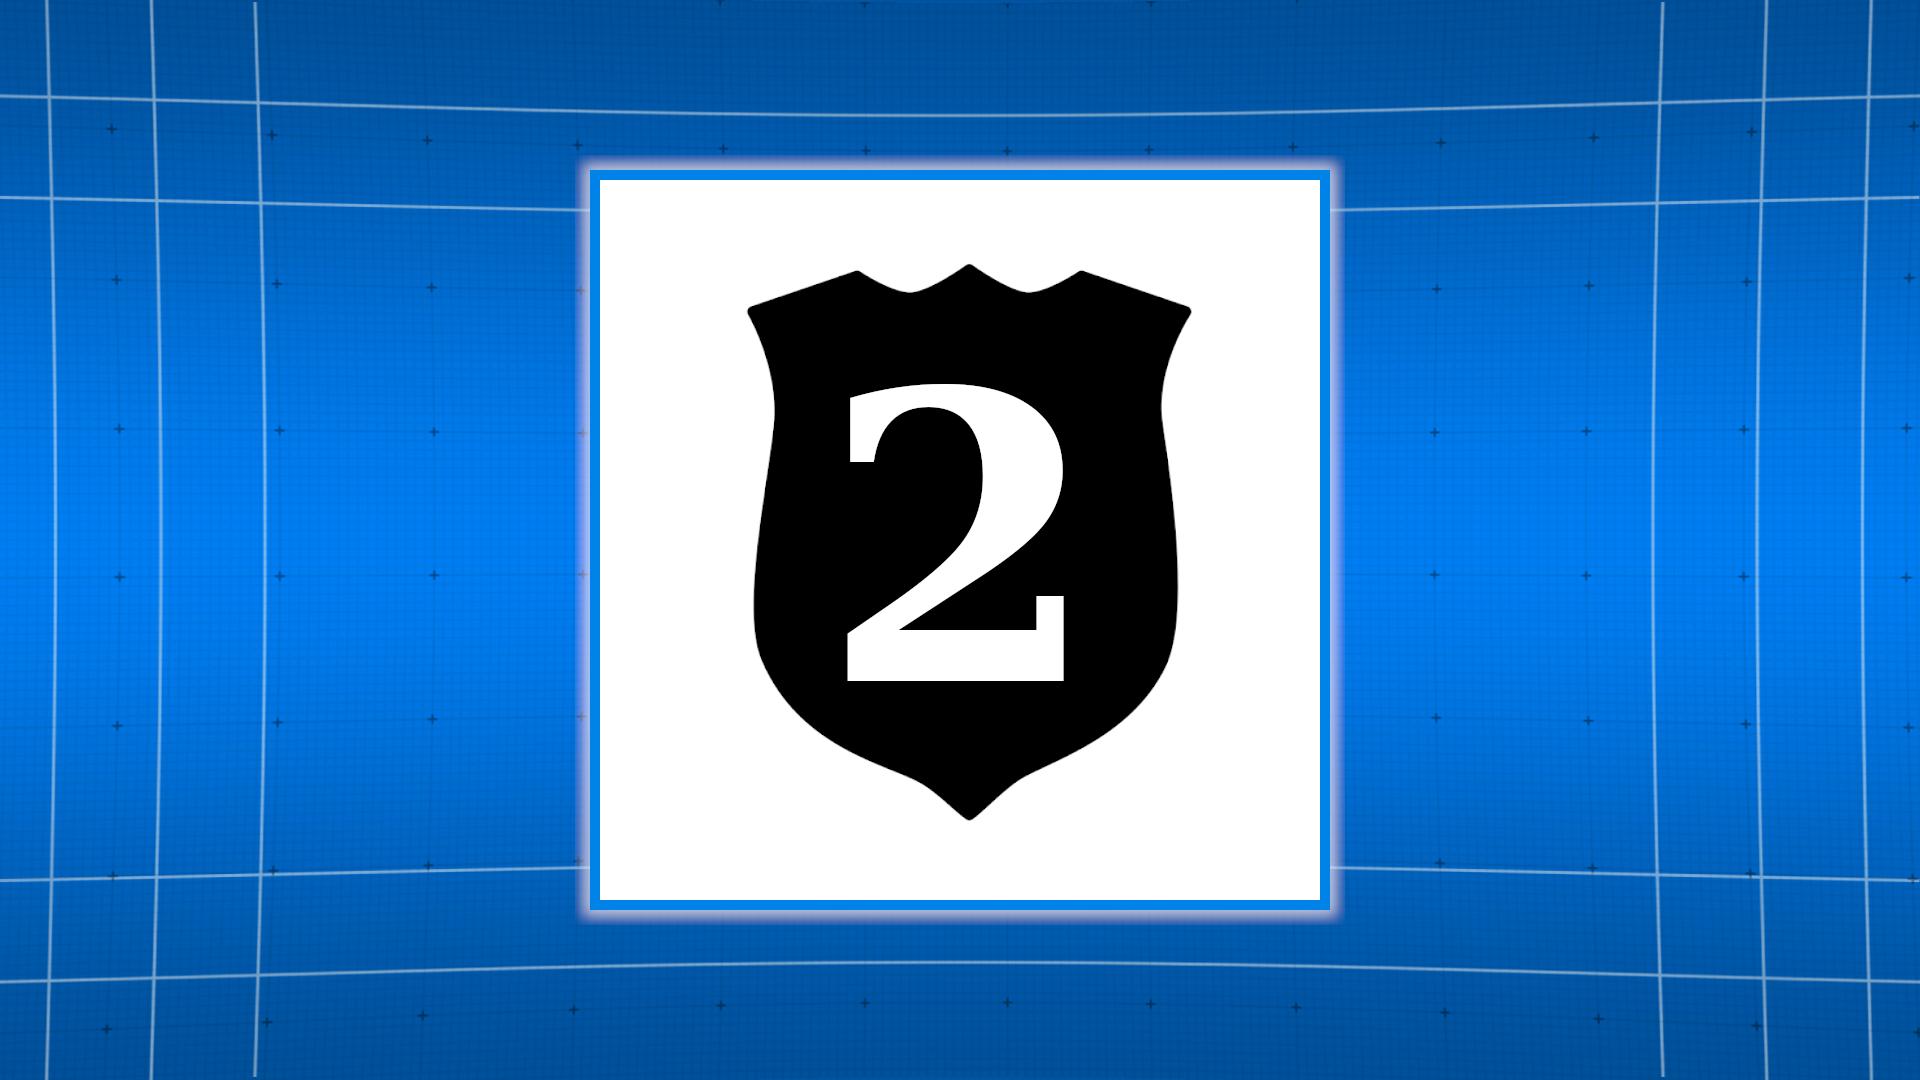 Icon for Investigator 2